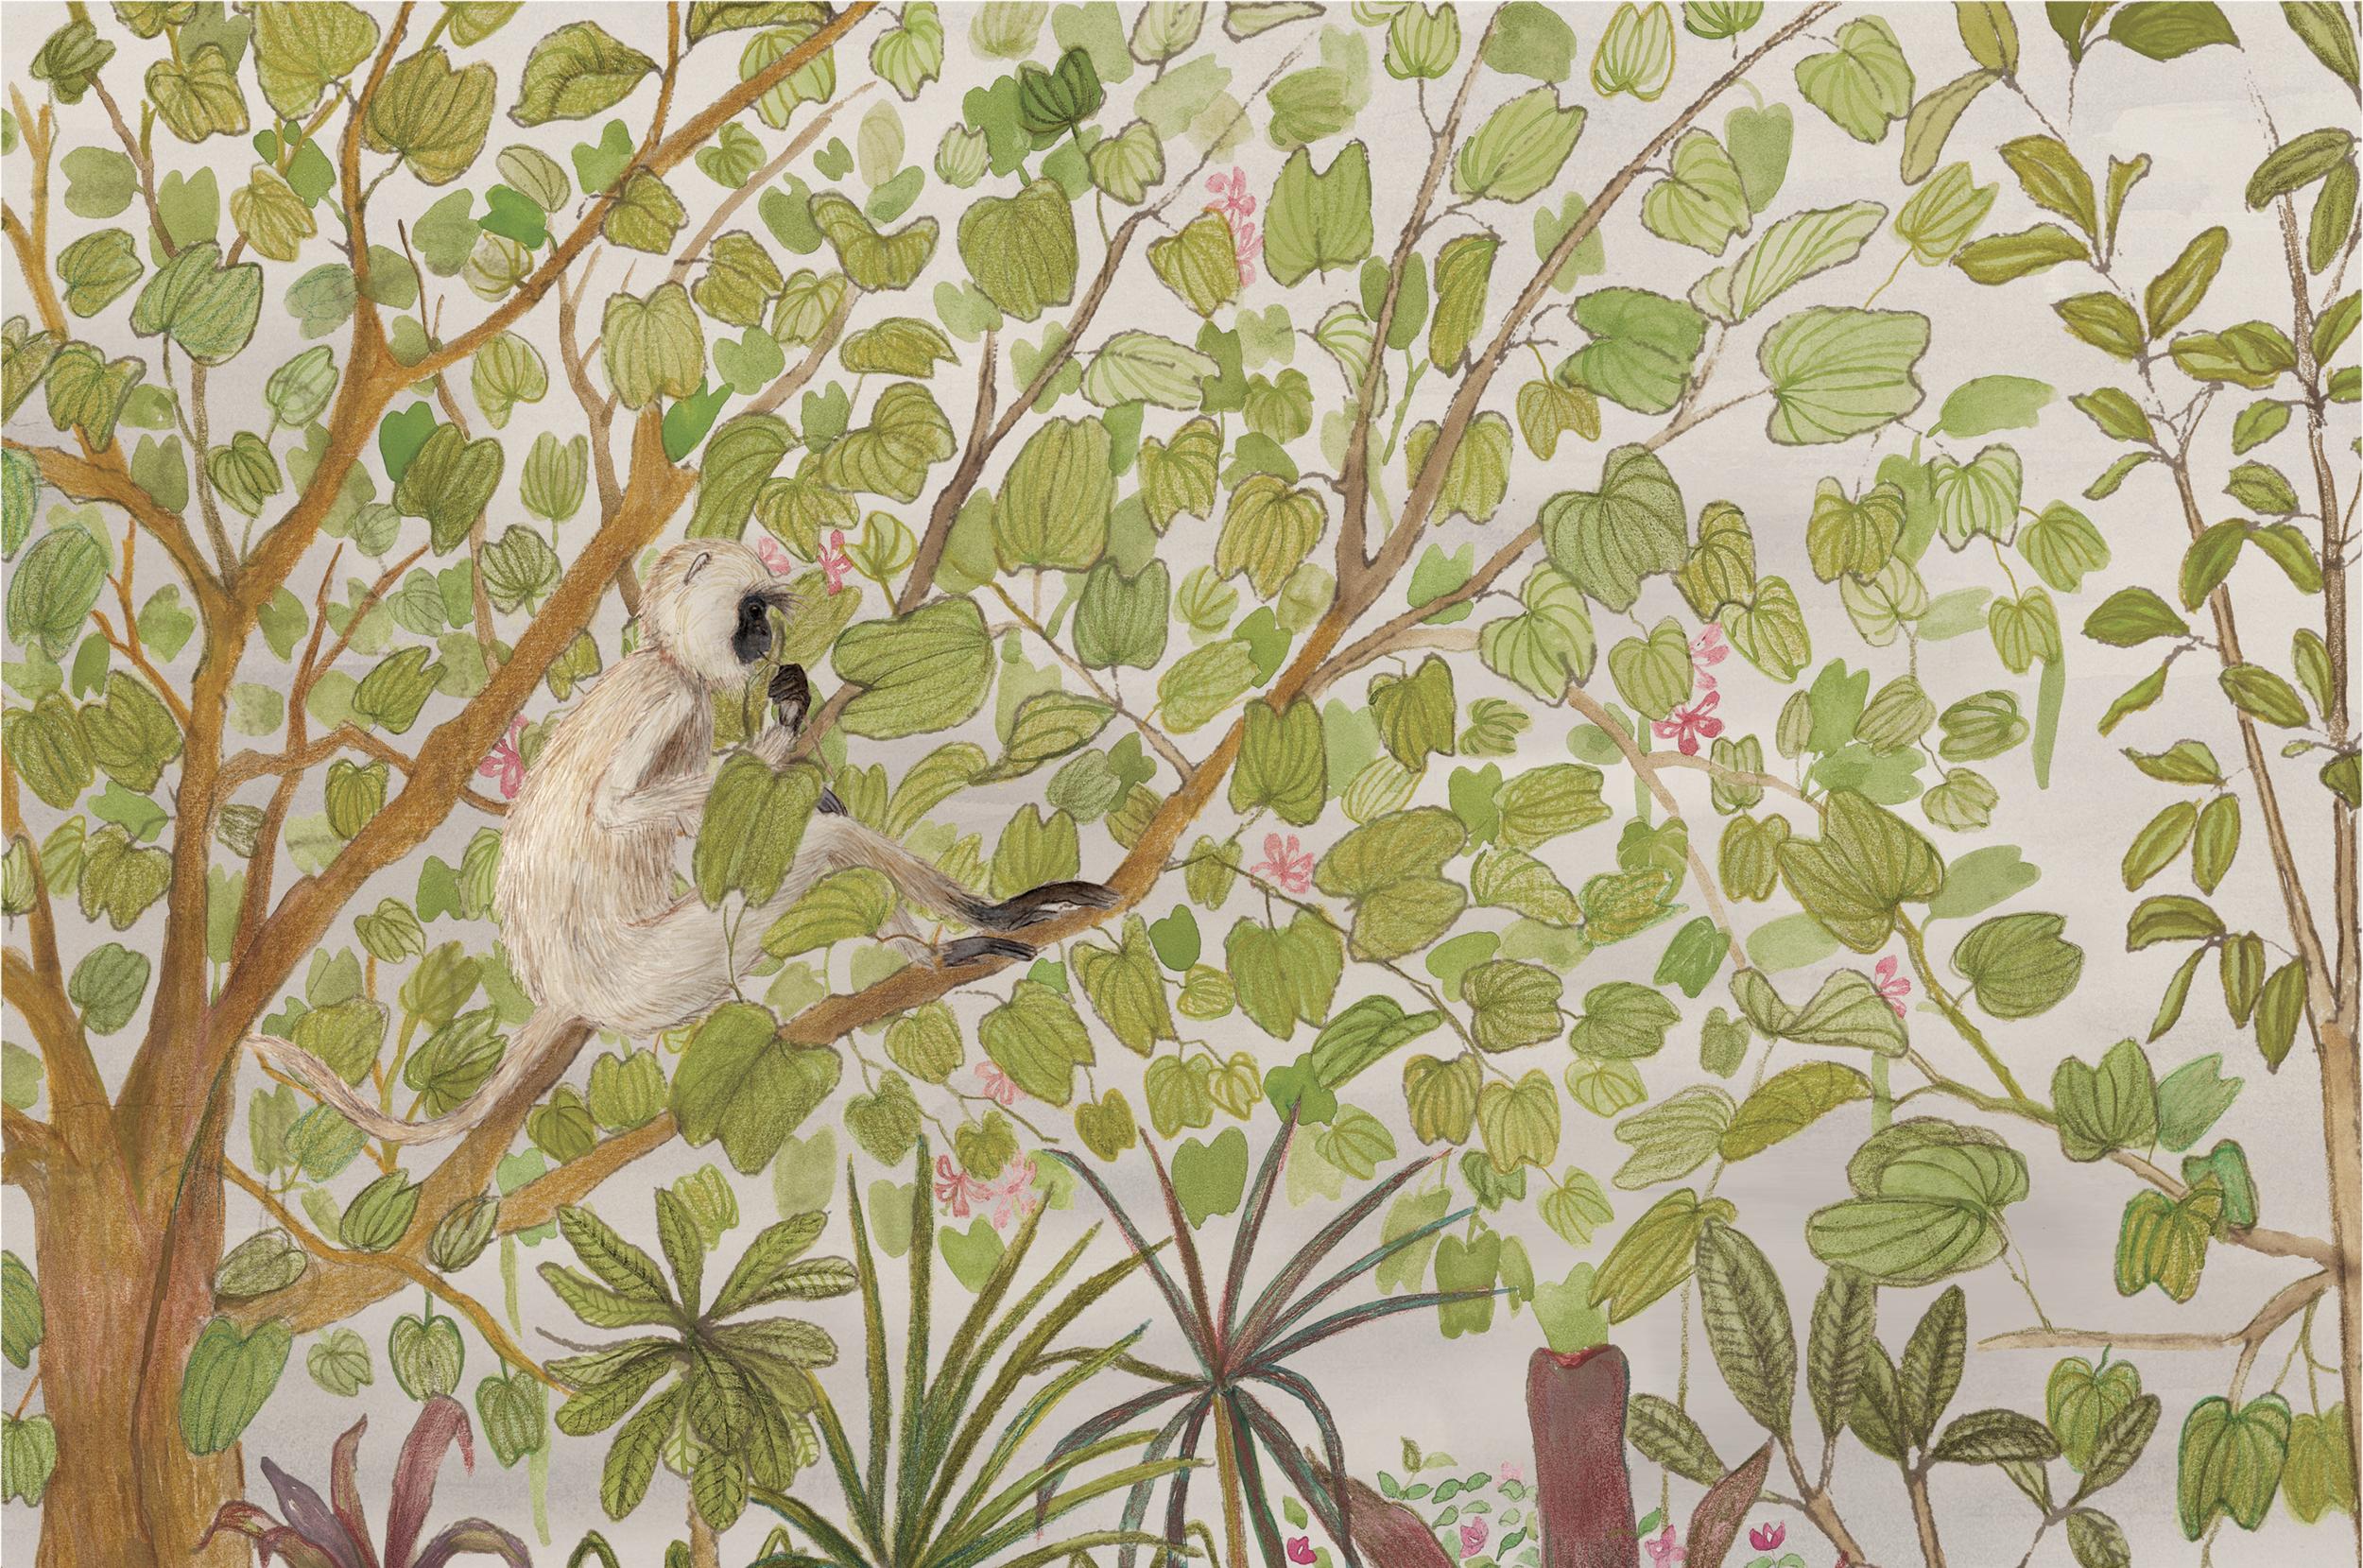 Wildgarden wallpaper_Flat_for WEBSITE24.png